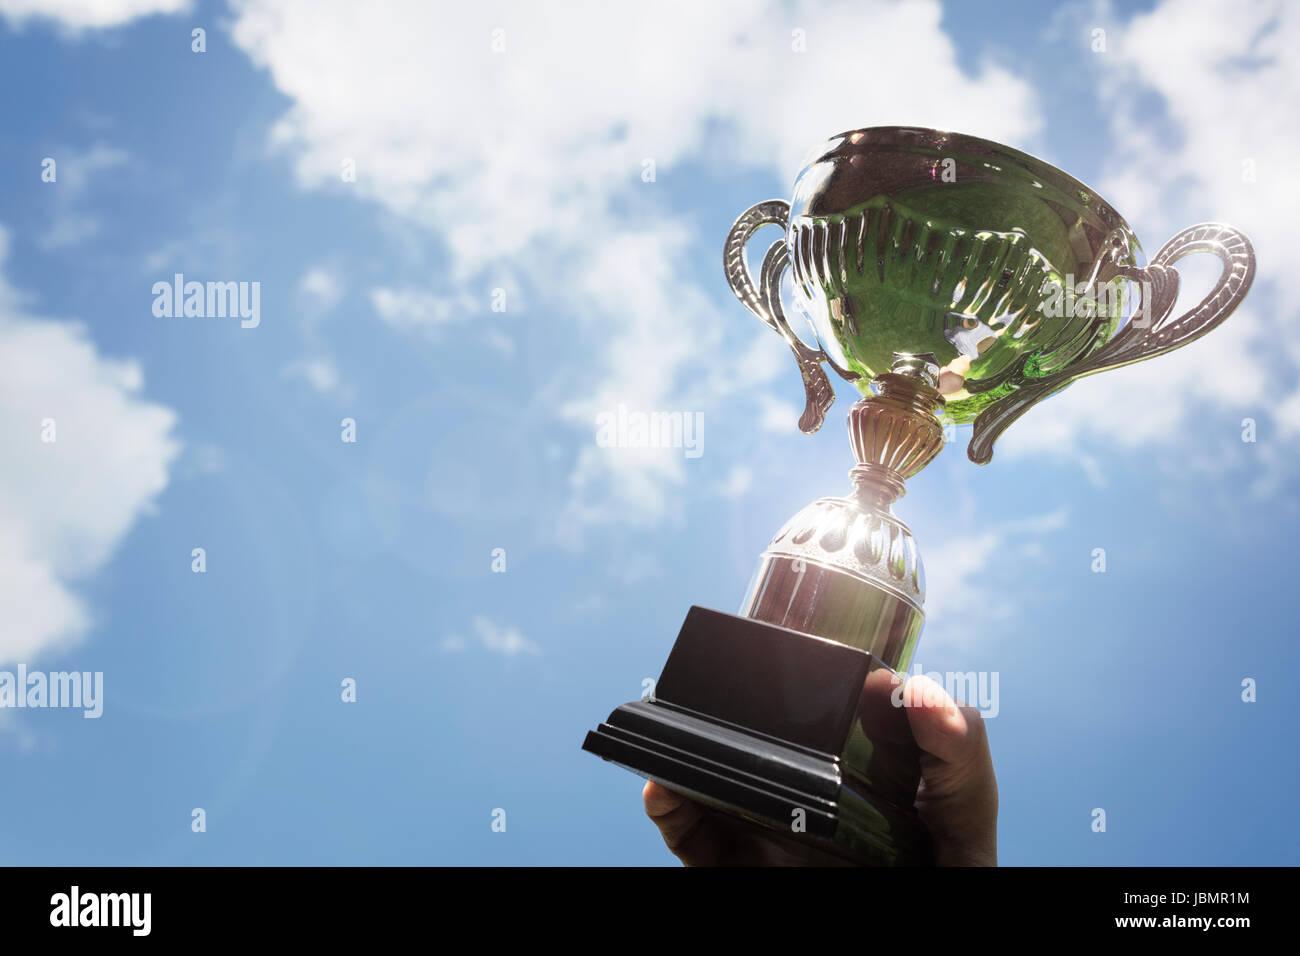 Celebrando con trophy award per il successo o il primo posto del campionato sportivo win Immagini Stock